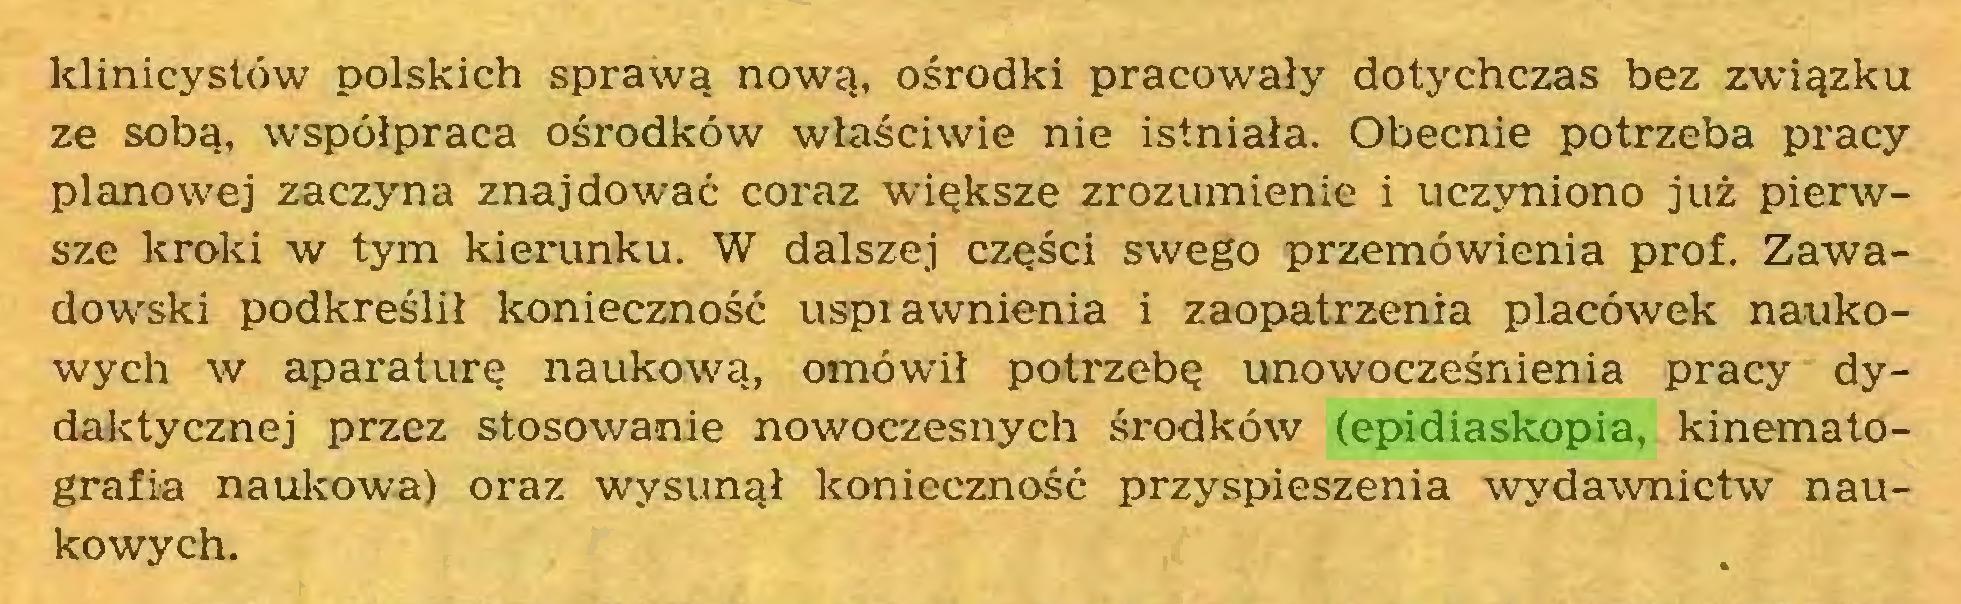 (...) klinicystów polskich sprawą nową, ośrodki pracowały dotychczas bez związku ze sobą, współpraca ośrodków właściwie nie istniała. Obecnie potrzeba pracy planowej zaczyna znajdować coraz większe zrozumienie i uczyniono już pierwsze kroki w tym kierunku. W dalszej części swego przemówienia prof. Zawadowski podkreślił konieczność usprawnienia i zaopatrzenia placówek naukowych w aparaturę naukową, omówił potrzebę unowocześnienia pracy dydaktycznej przez stosowanie nowoczesnych środków (epidiaskopia, kinematografia naukowa) oraz wysunął konieczność przyspieszenia wydawnictw naukowych...